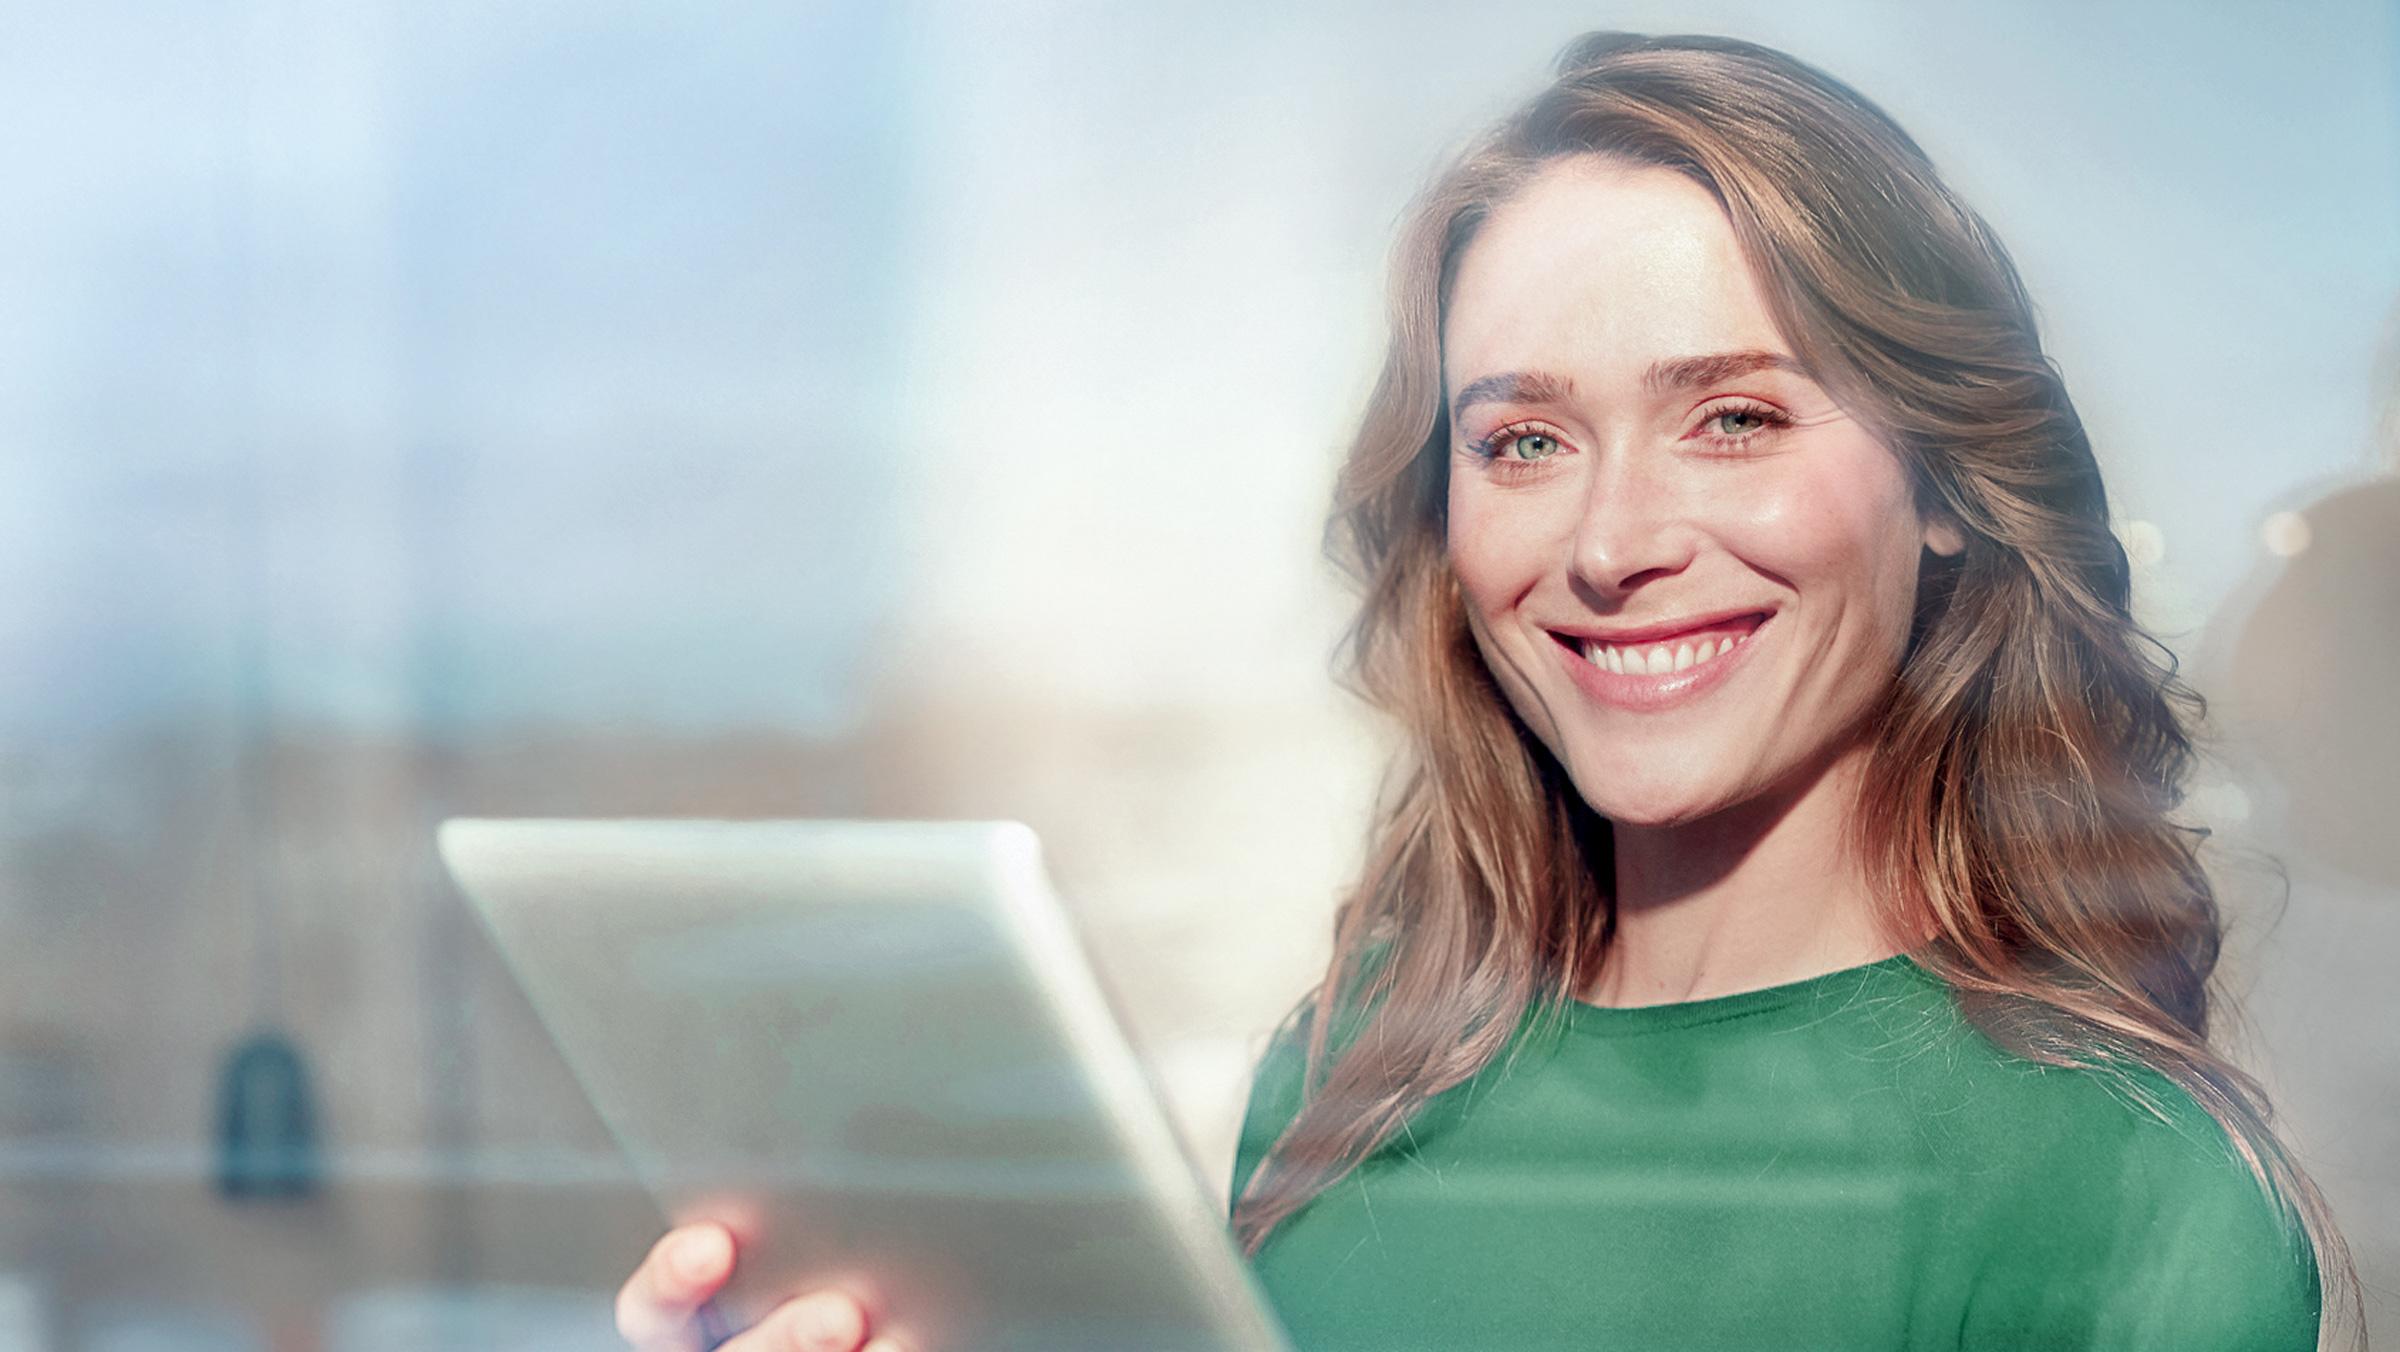 LYNX Beleggingsrekening - Ontdek de verschillende effectenrekening